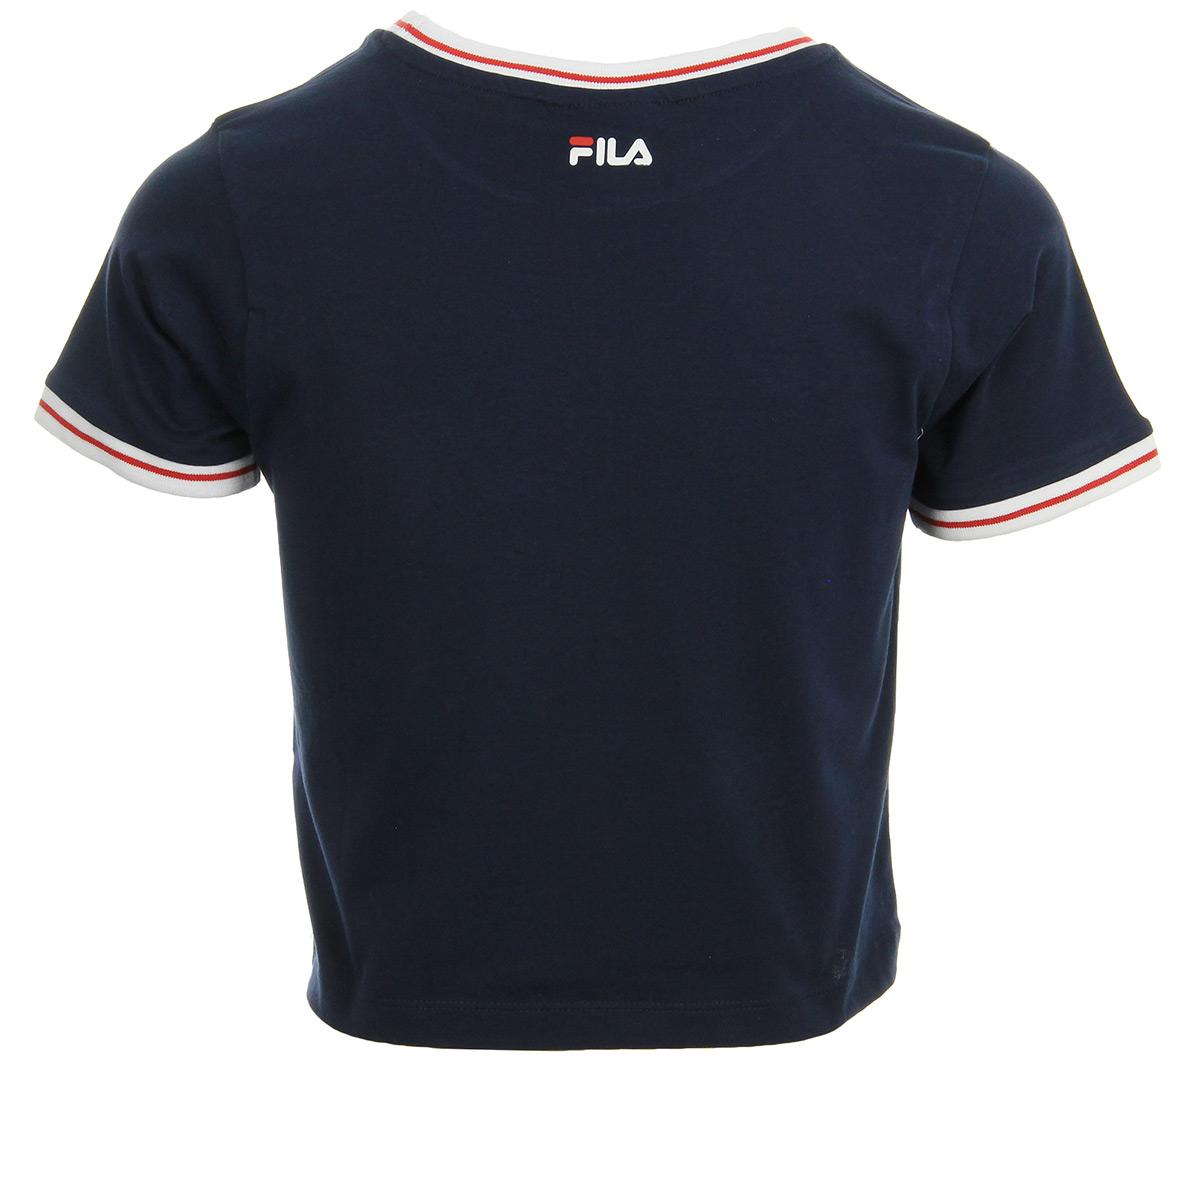 Fila Ashley Cropped Tee W 682101003, T-Shirts femme